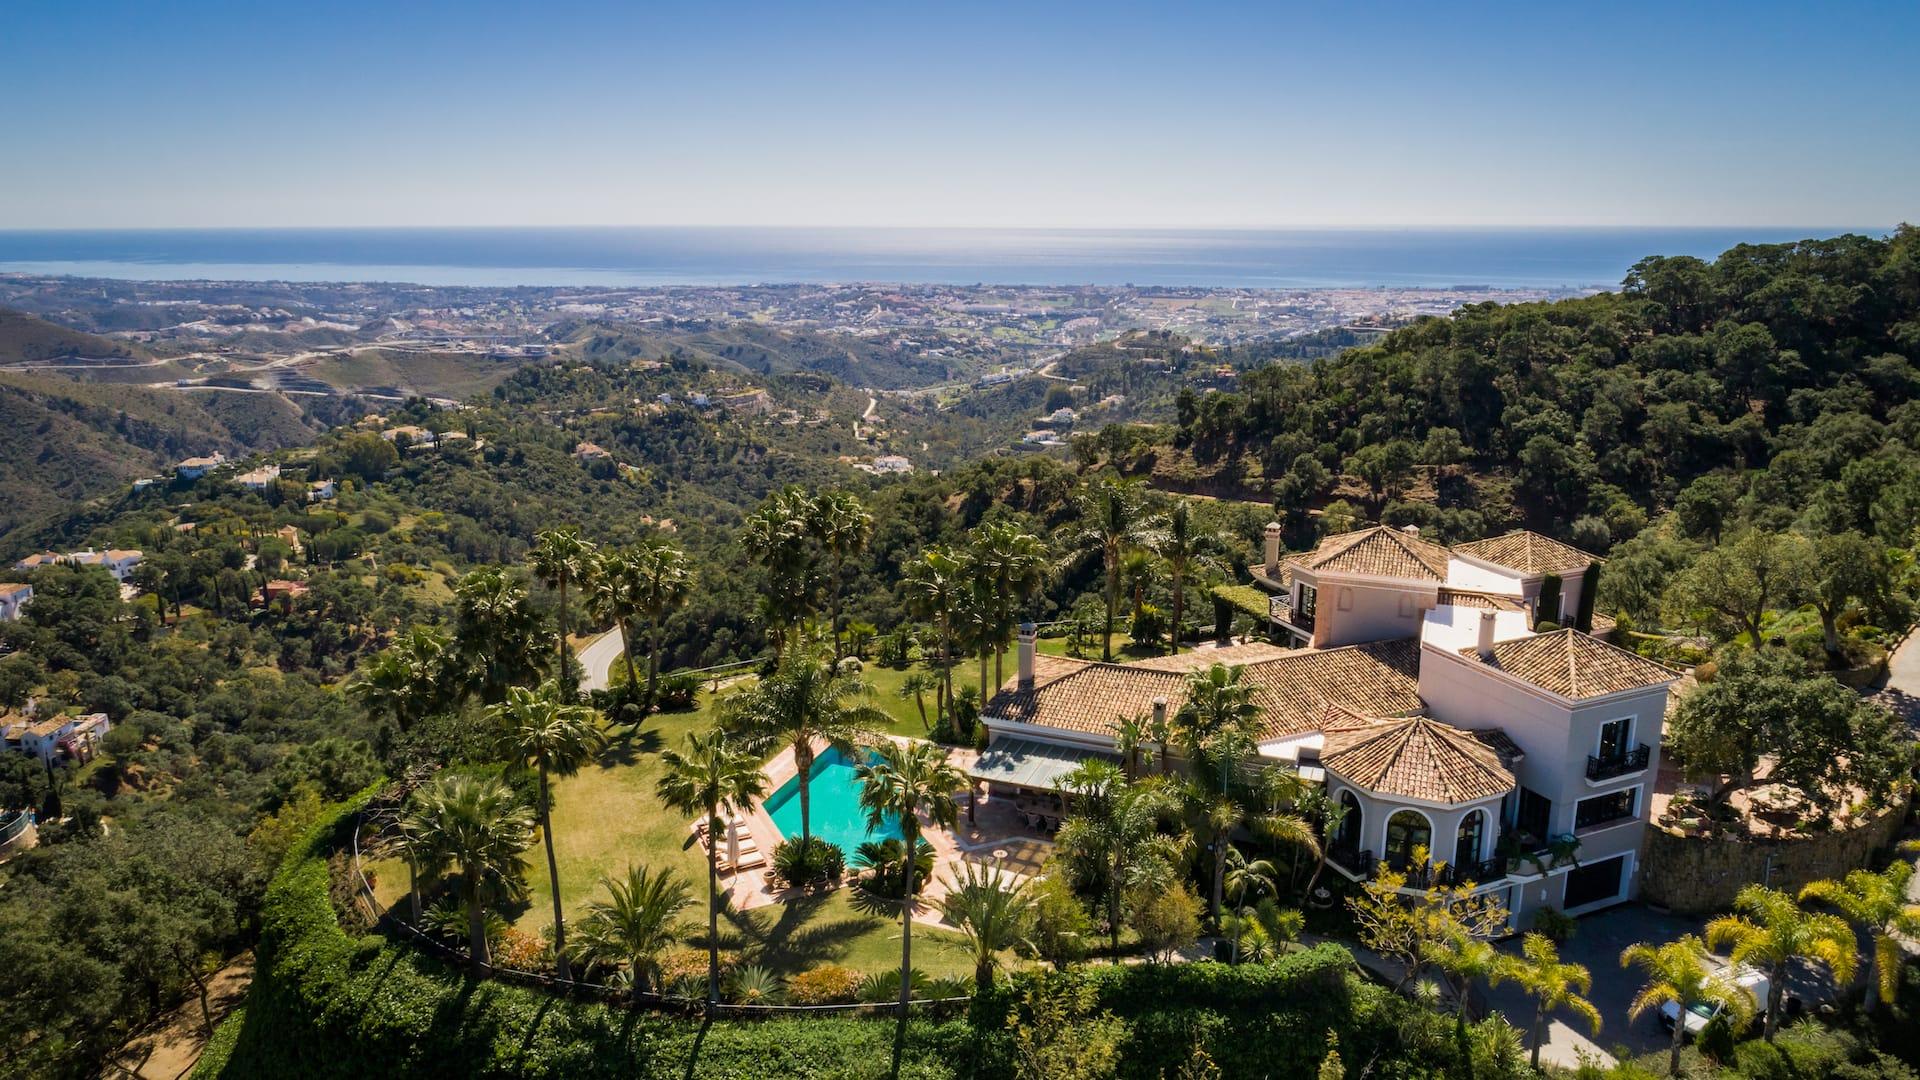 El confinamiento ideal, o una casa post Covid en Marbella